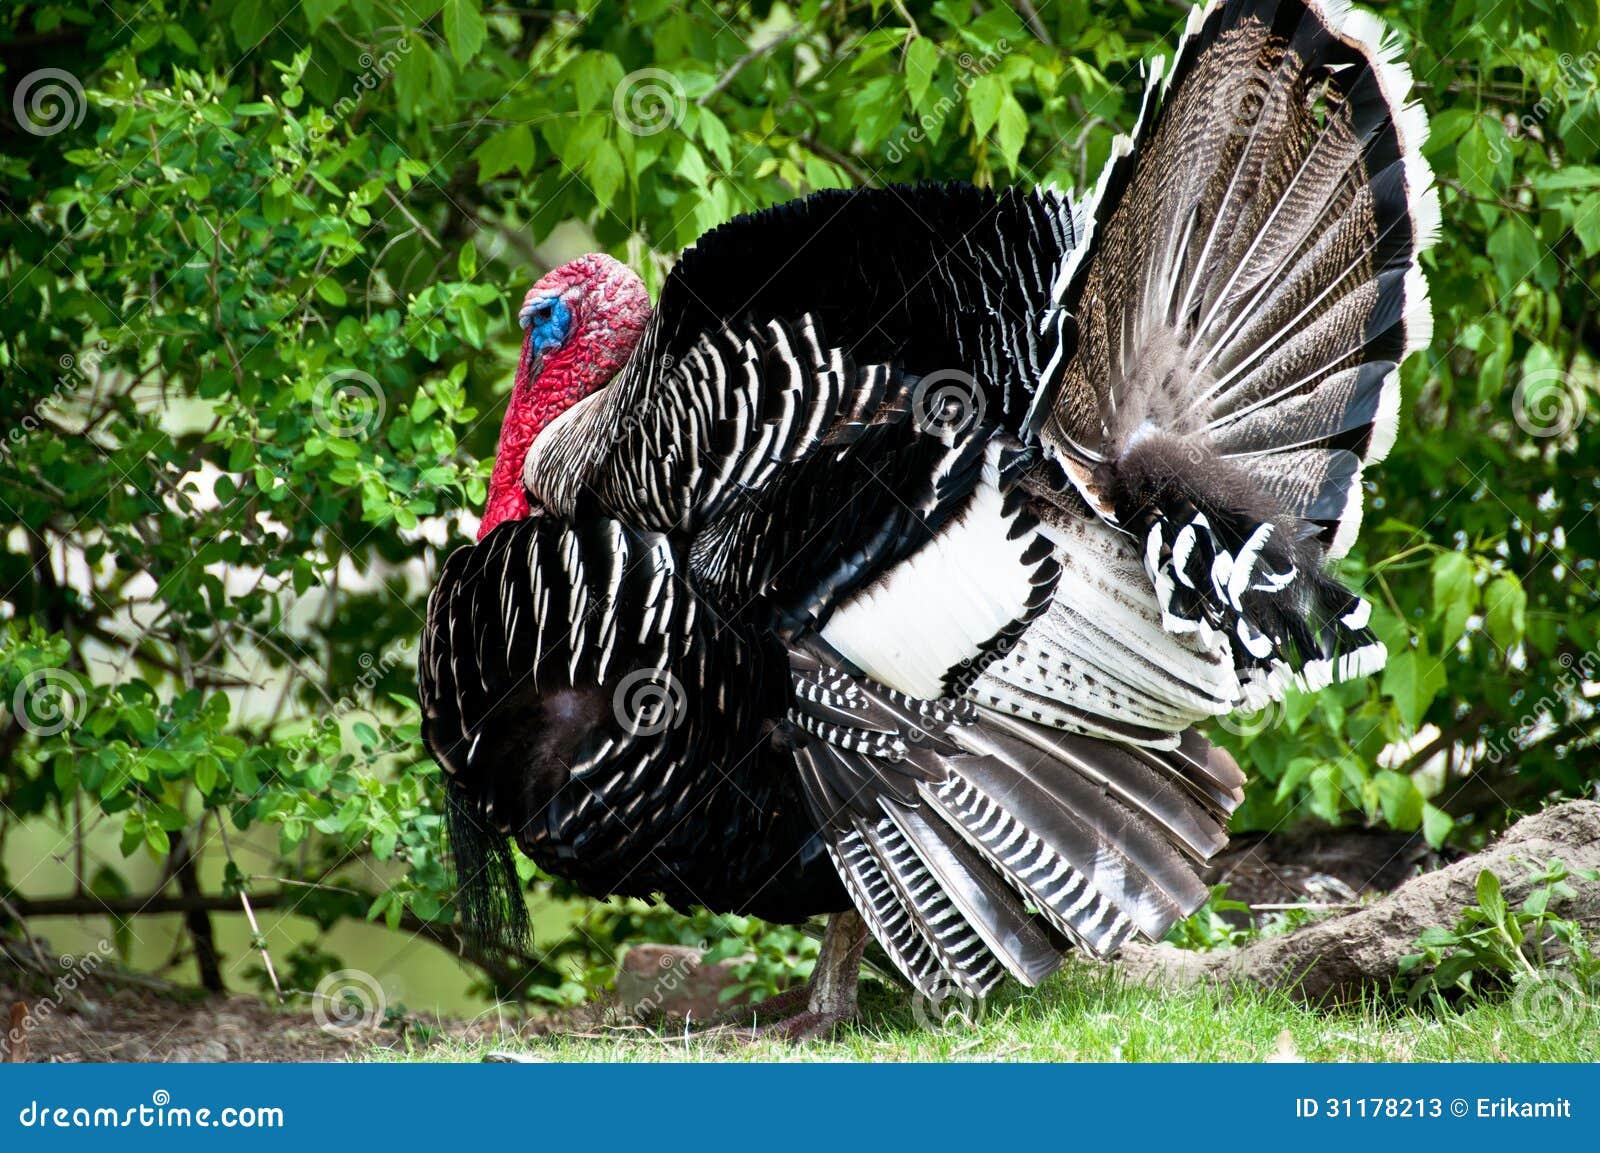 Narragansett Turkije in volledige stut